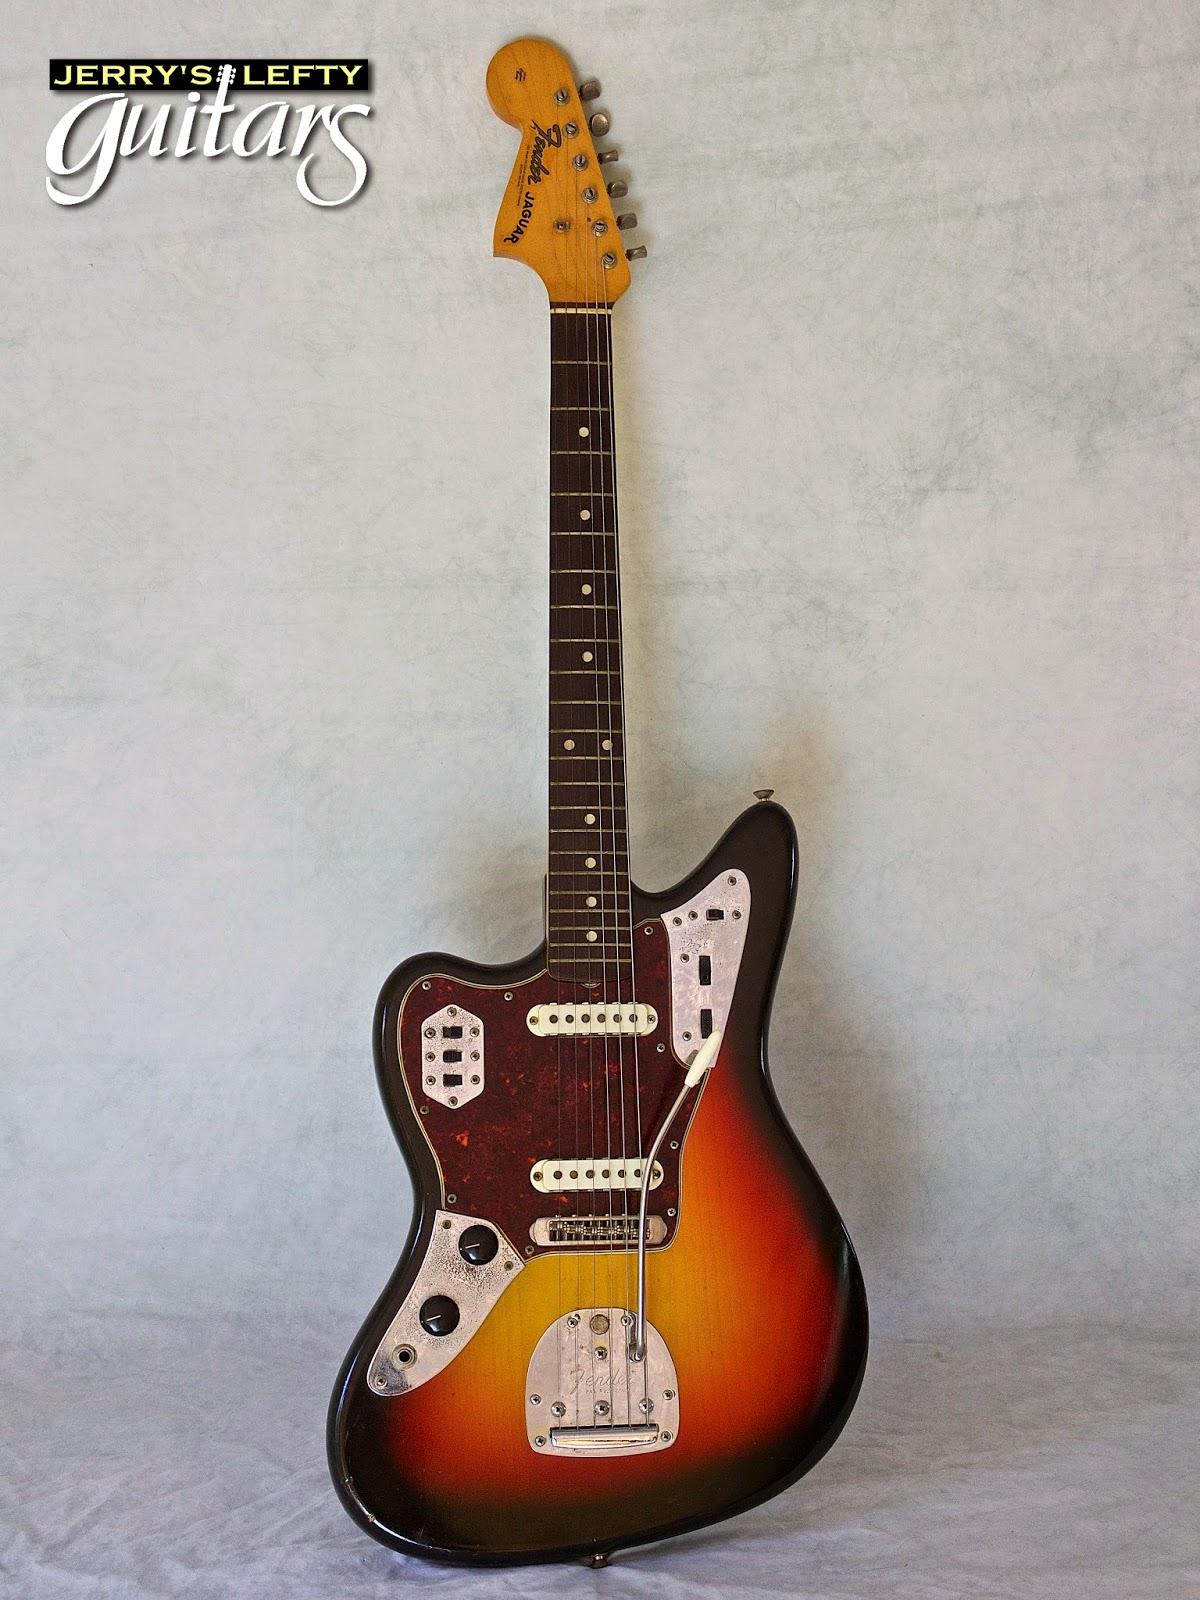 jerry 39 s lefty guitars newest guitar arrivals updated weekly 1965 fender jaguar used left. Black Bedroom Furniture Sets. Home Design Ideas